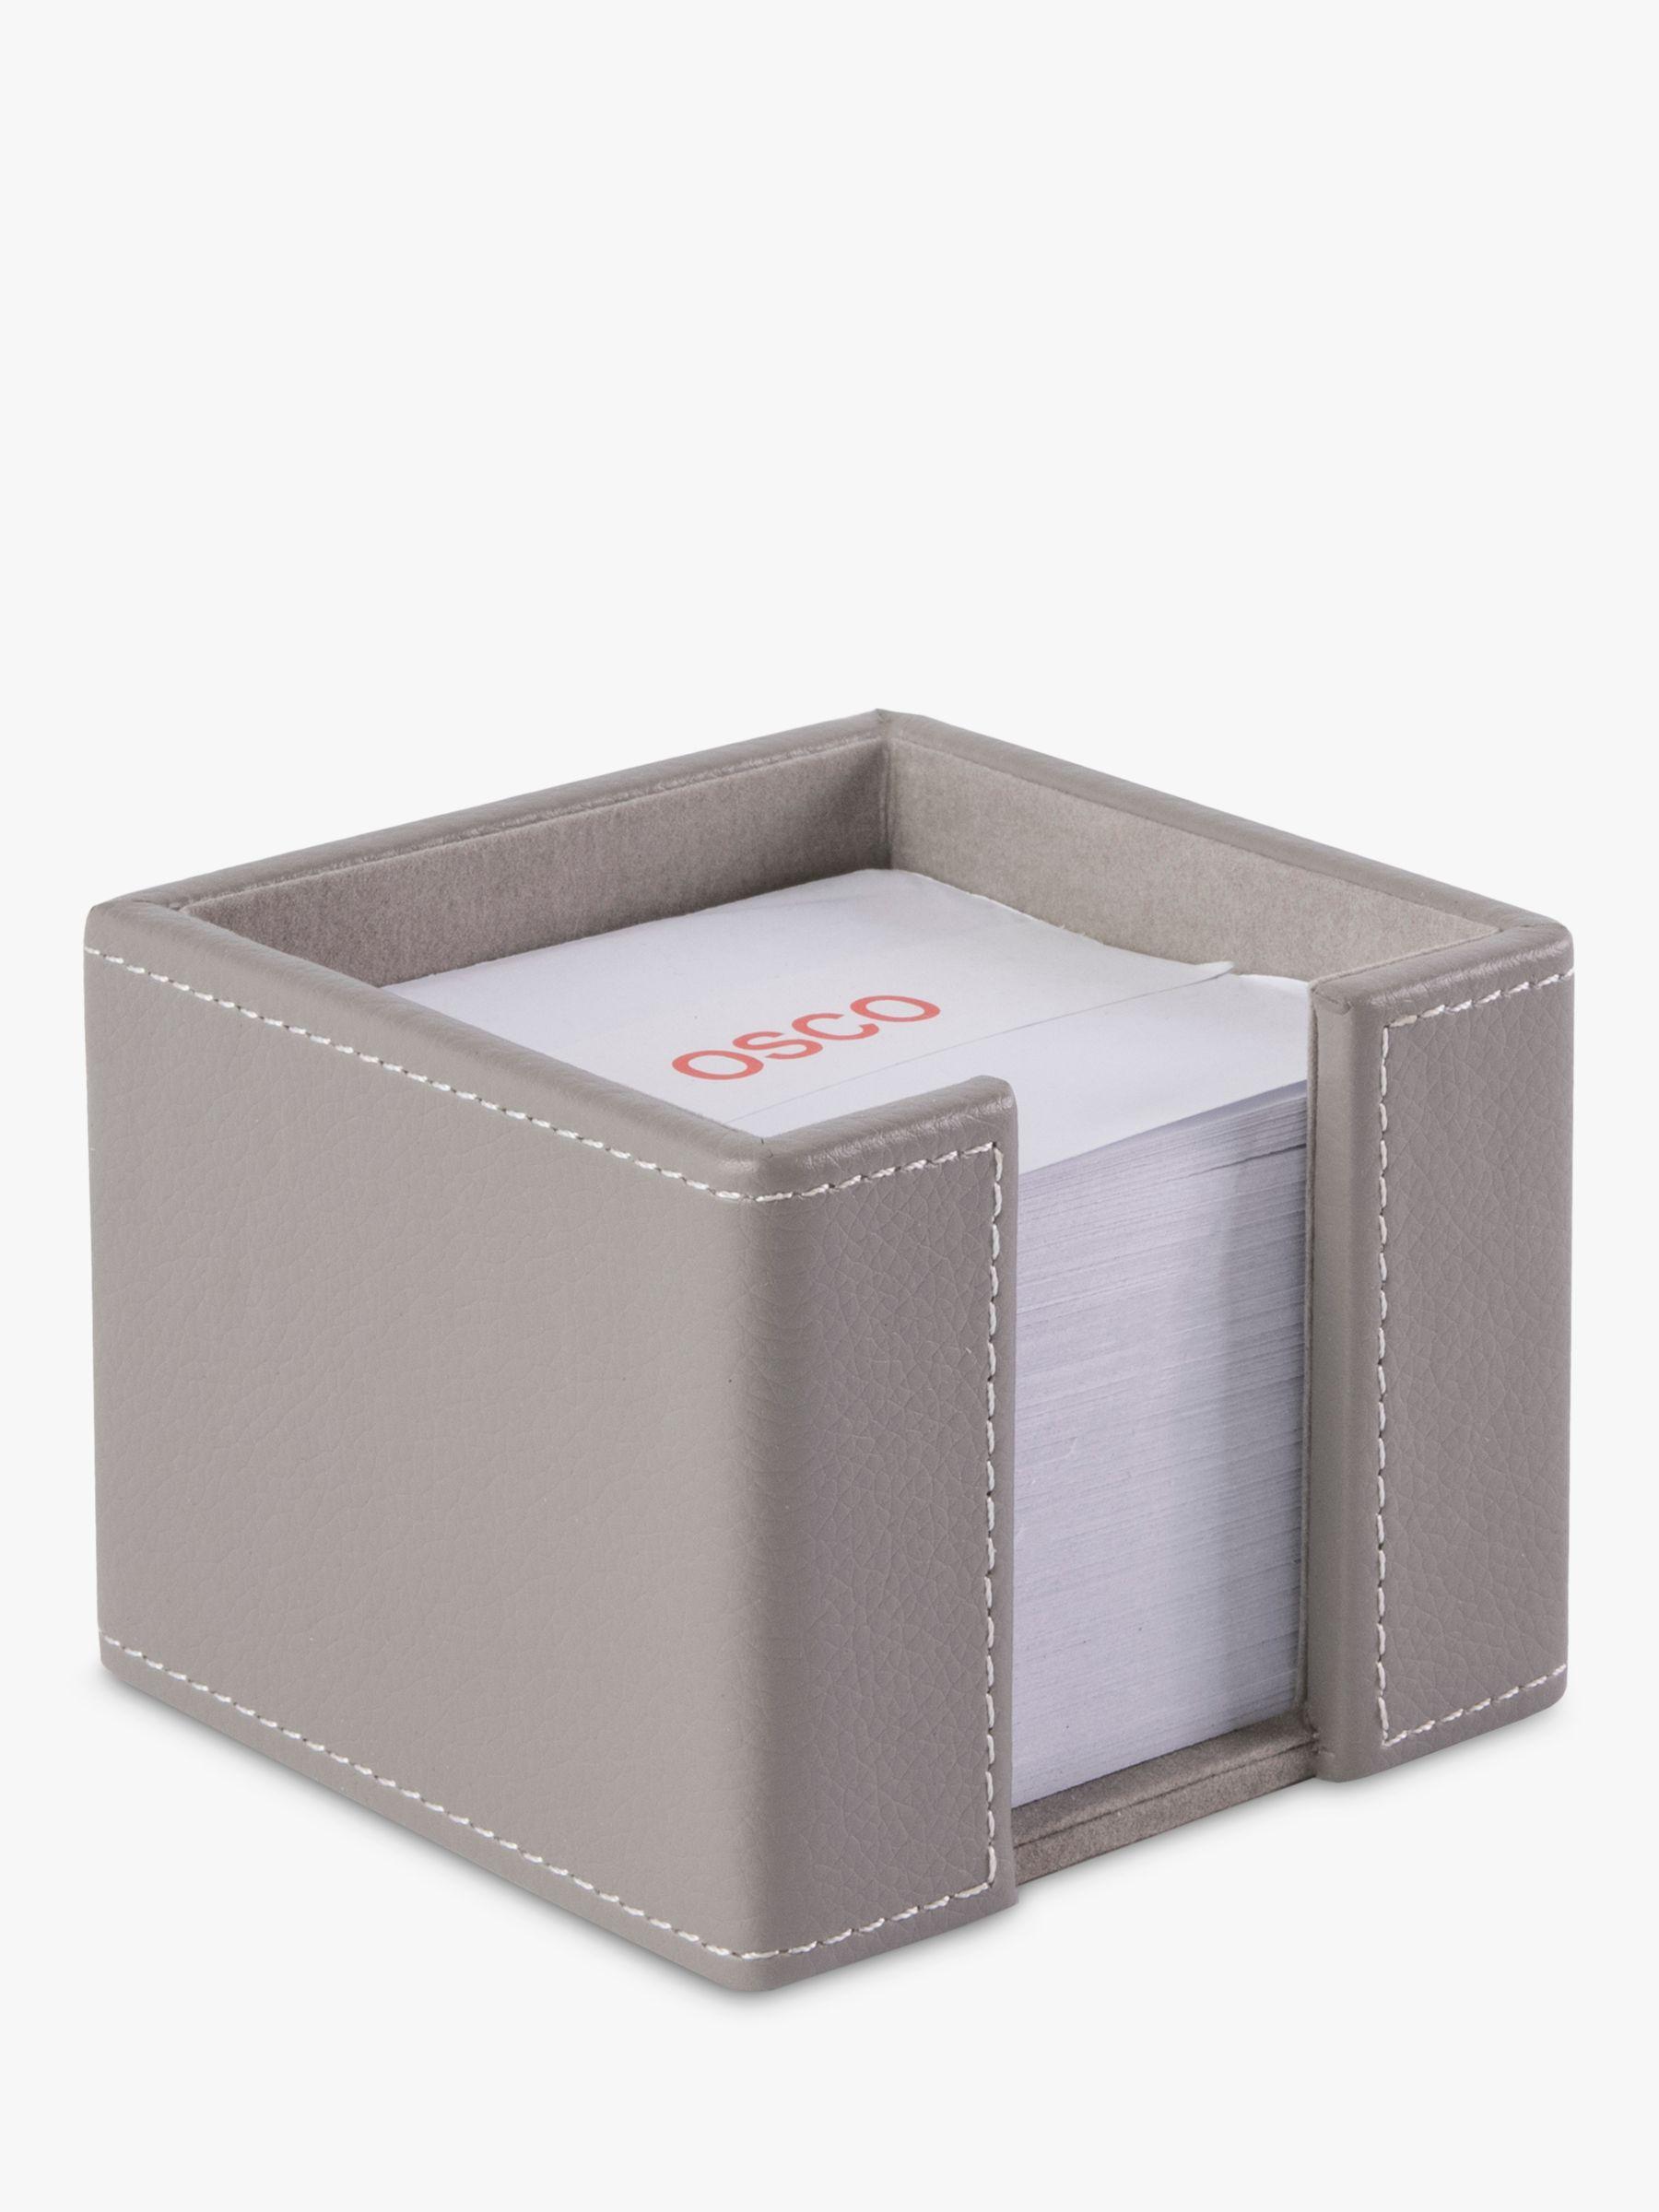 Osco Osco Faux Leather Memo Pad Holder